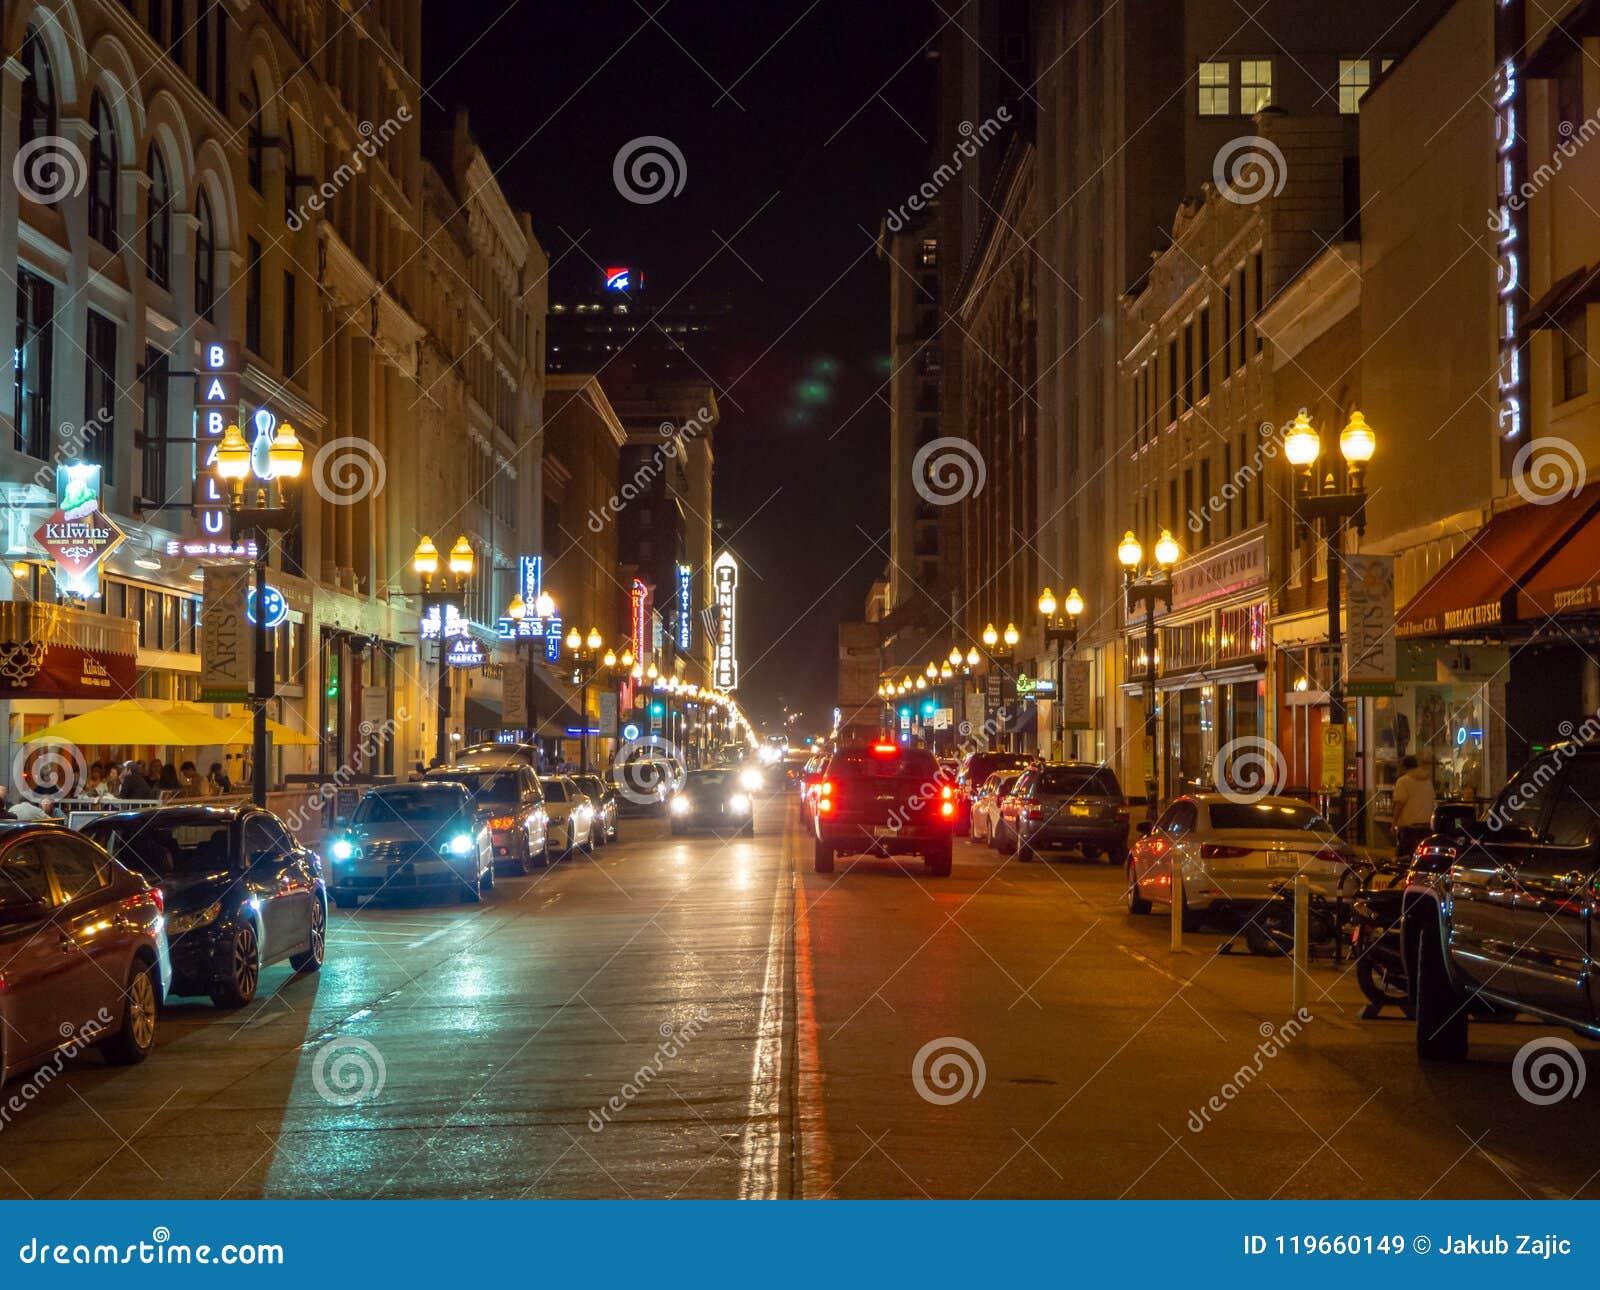 Vrolijke Straat, Knoxville, Tennessee, de Verenigde Staten van Amerika: [Het Nachtleven in het centrum van Knoxville]